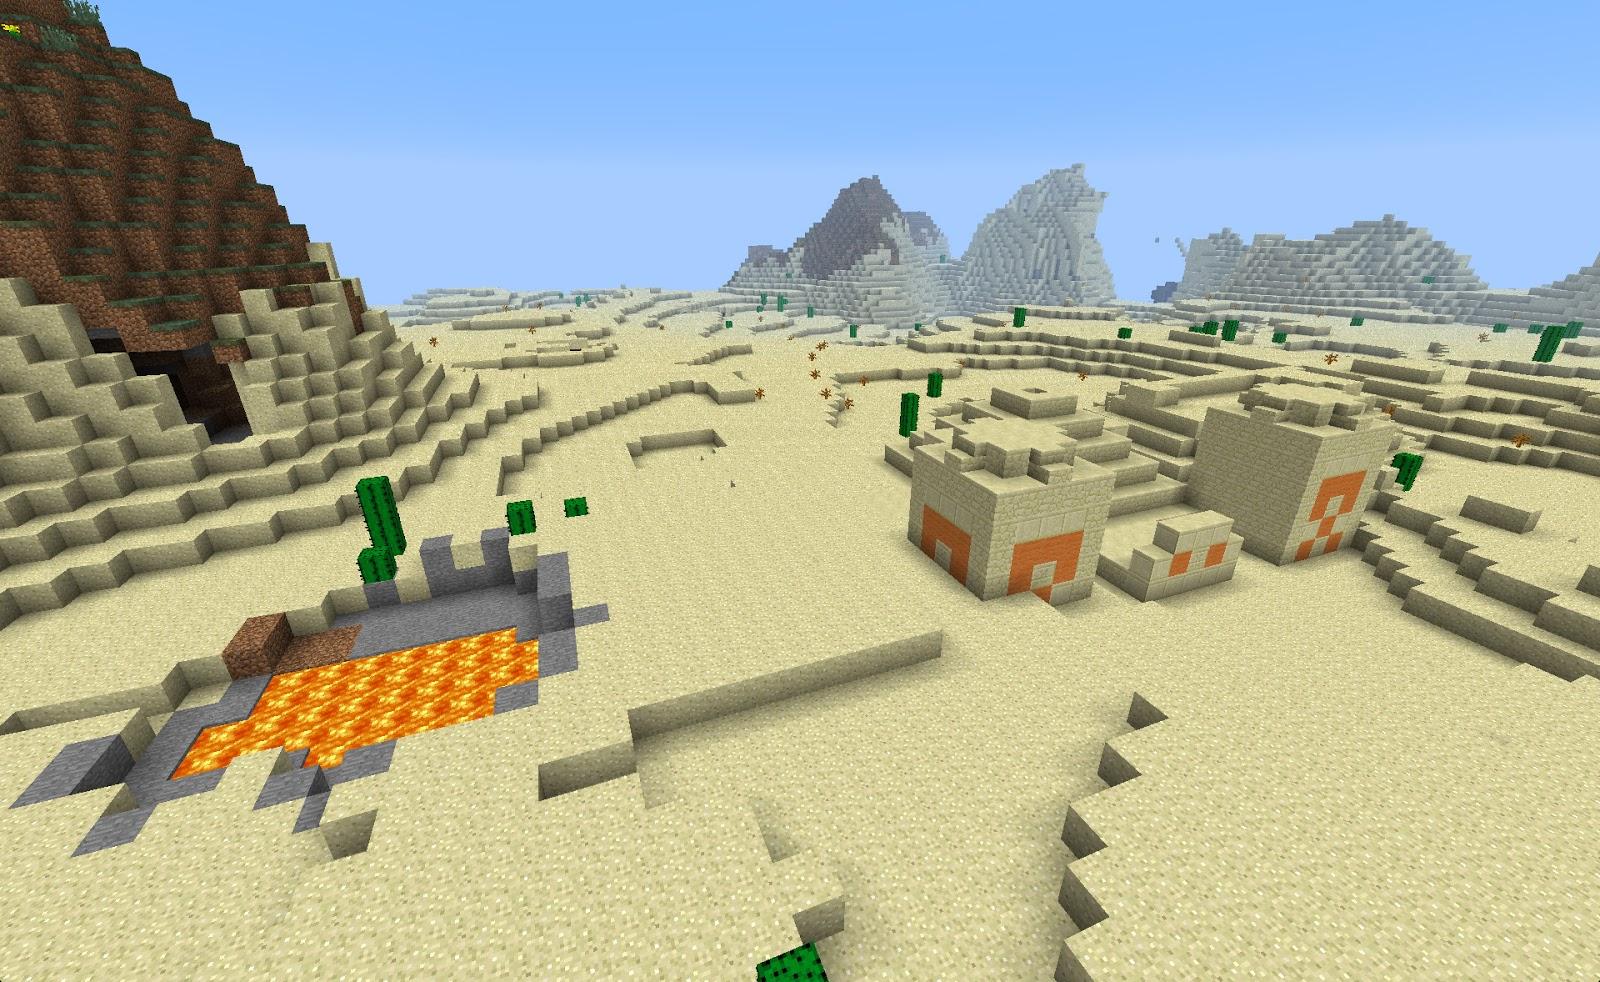 Minecraft Seeds Sharing the best Minecraft Seeds